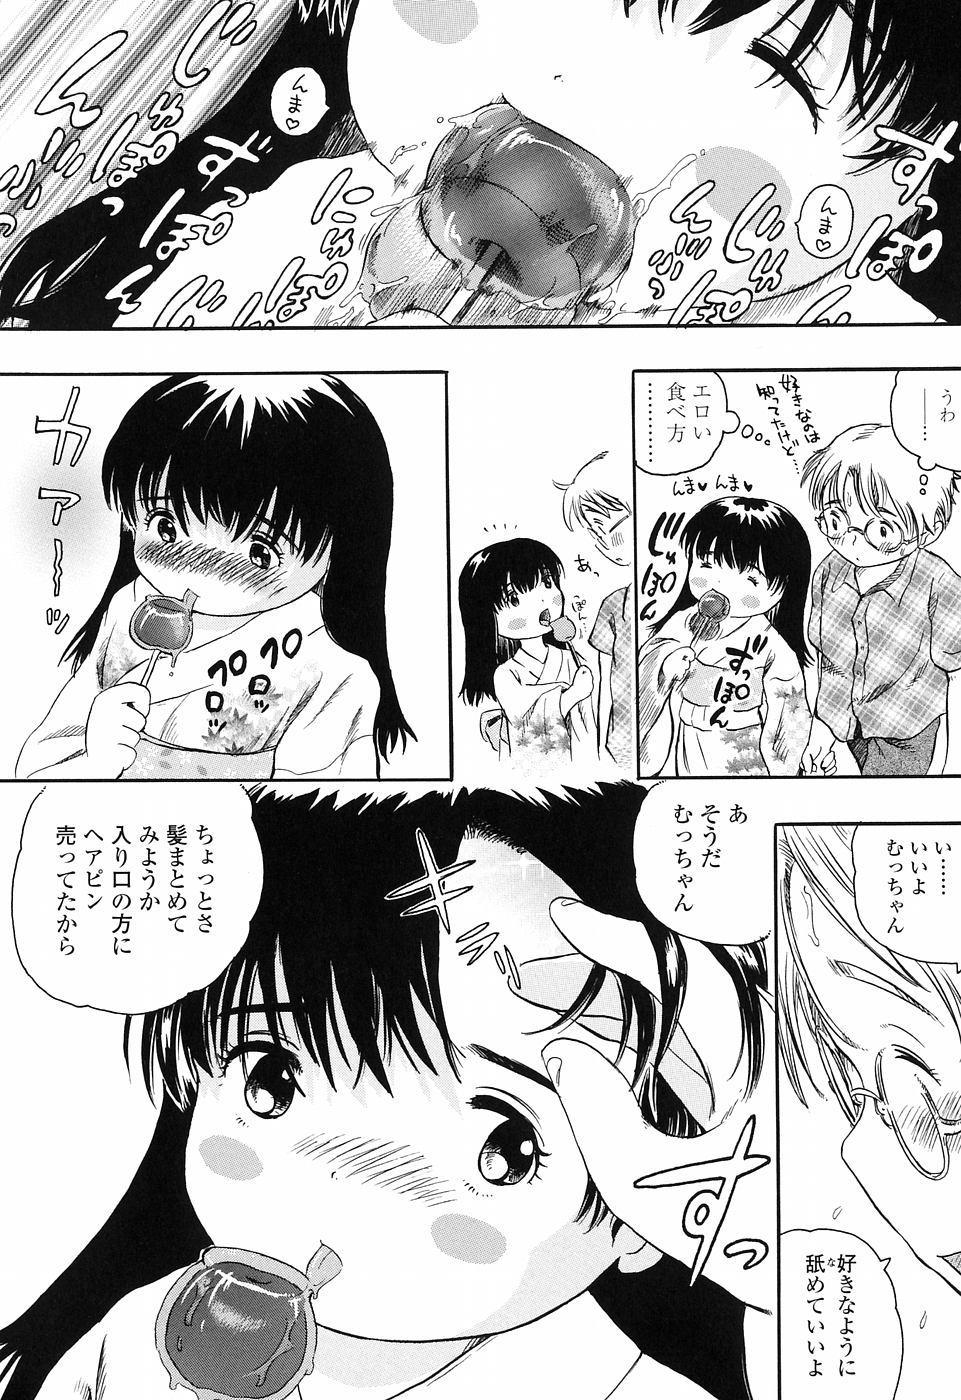 Koisuru Fukurami 17